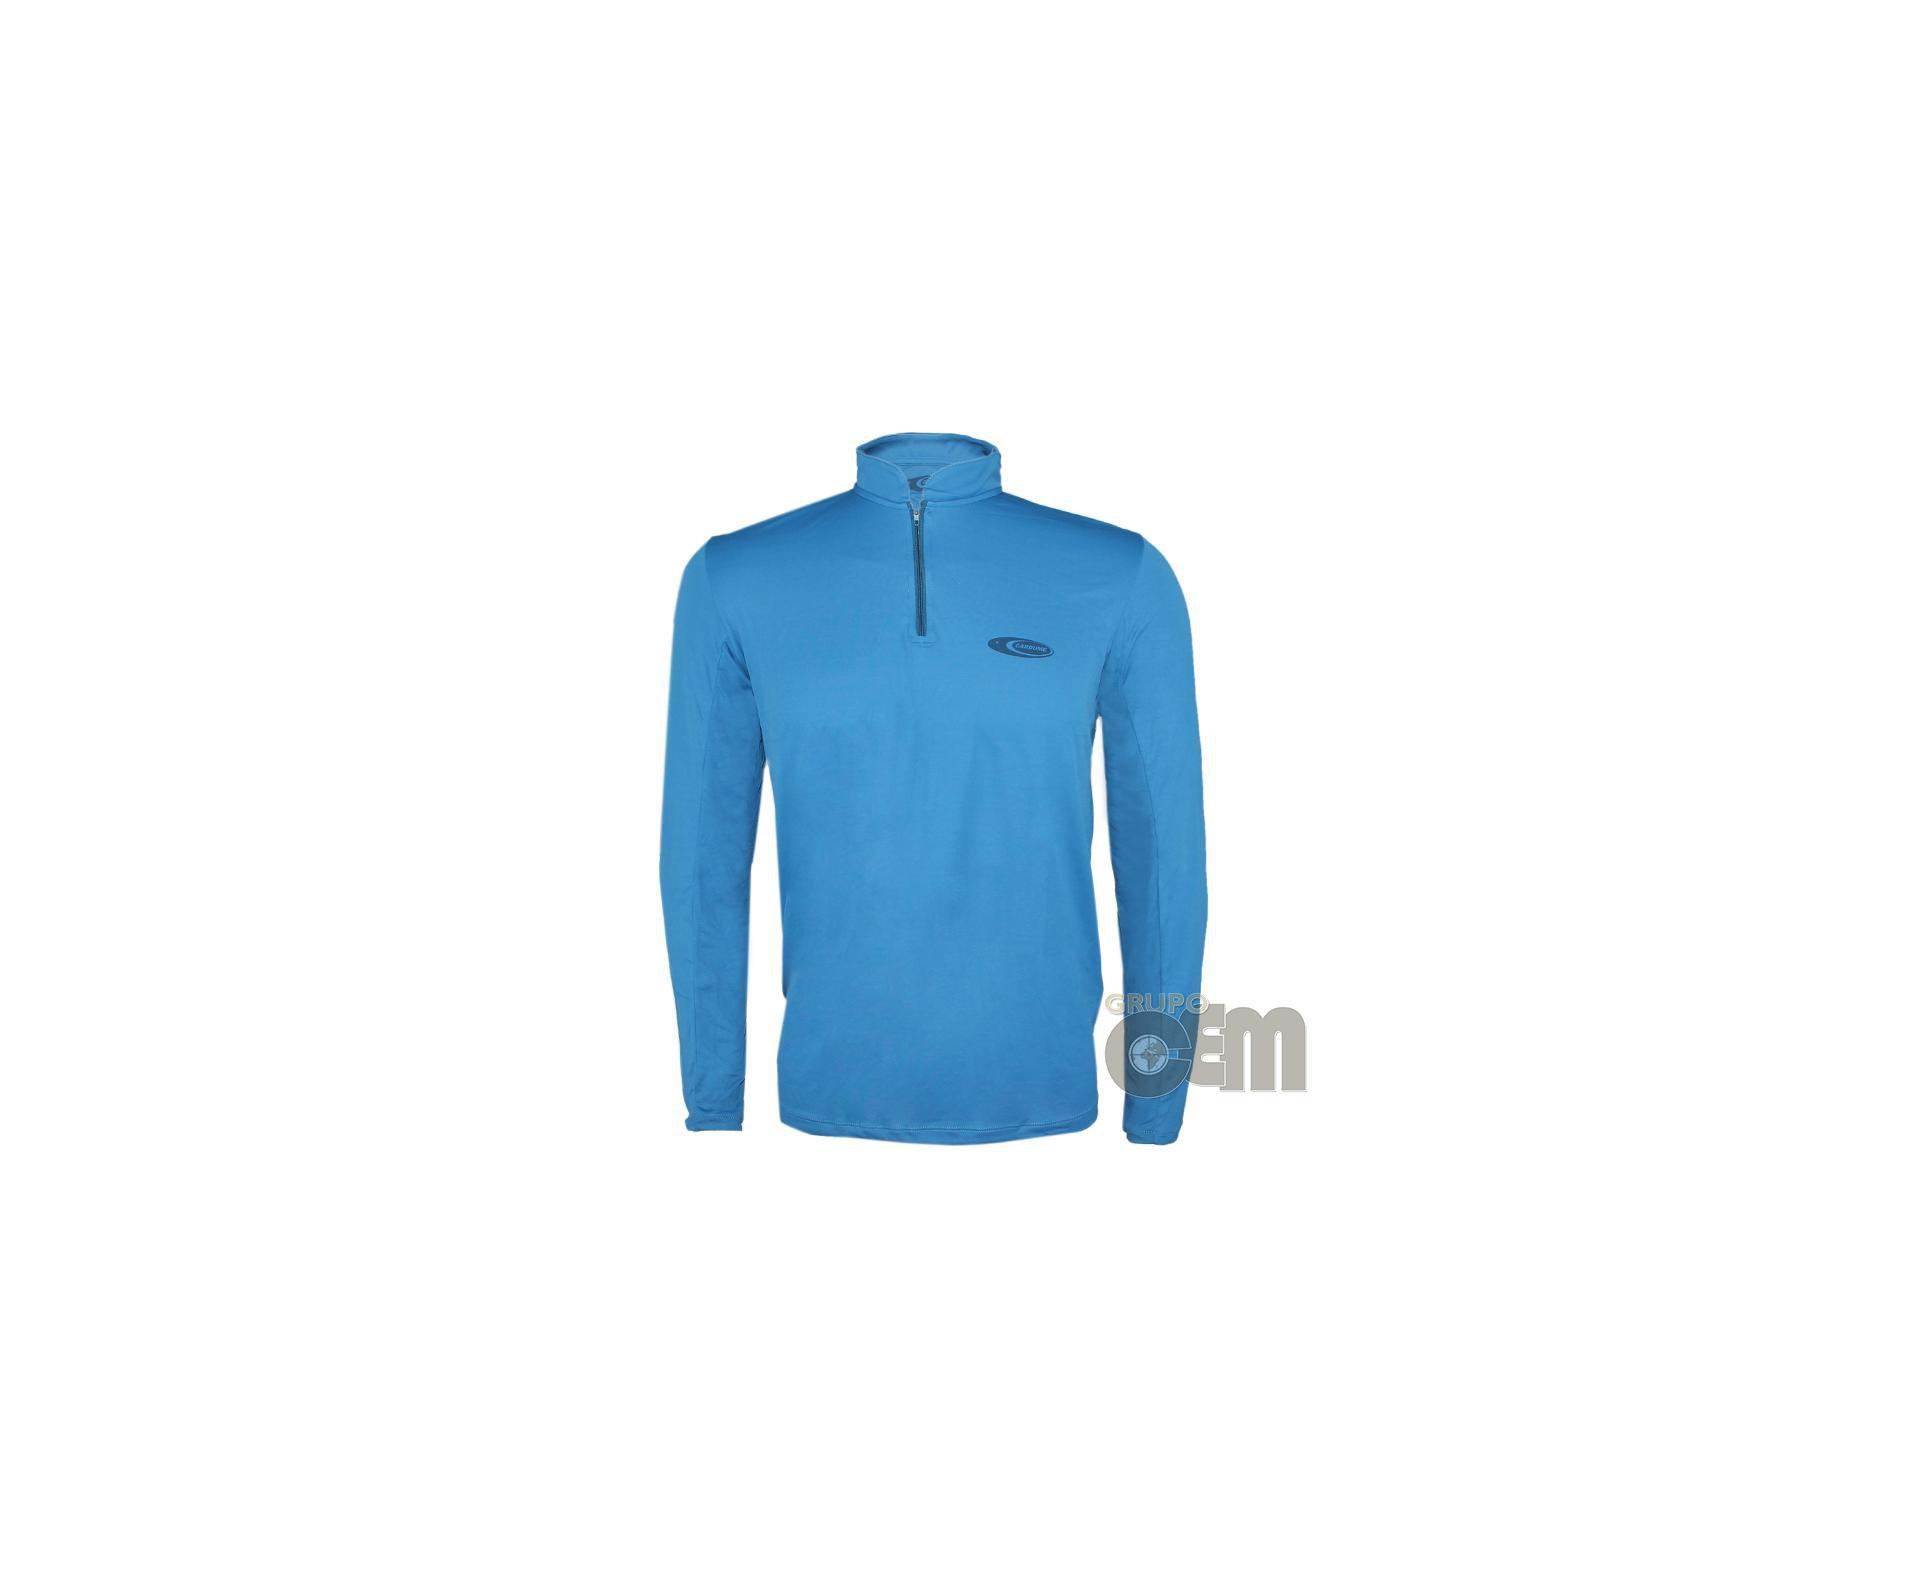 Camiseta Fisherman Azul - Proteção Uva/uvb 50+ Fps - Cardume